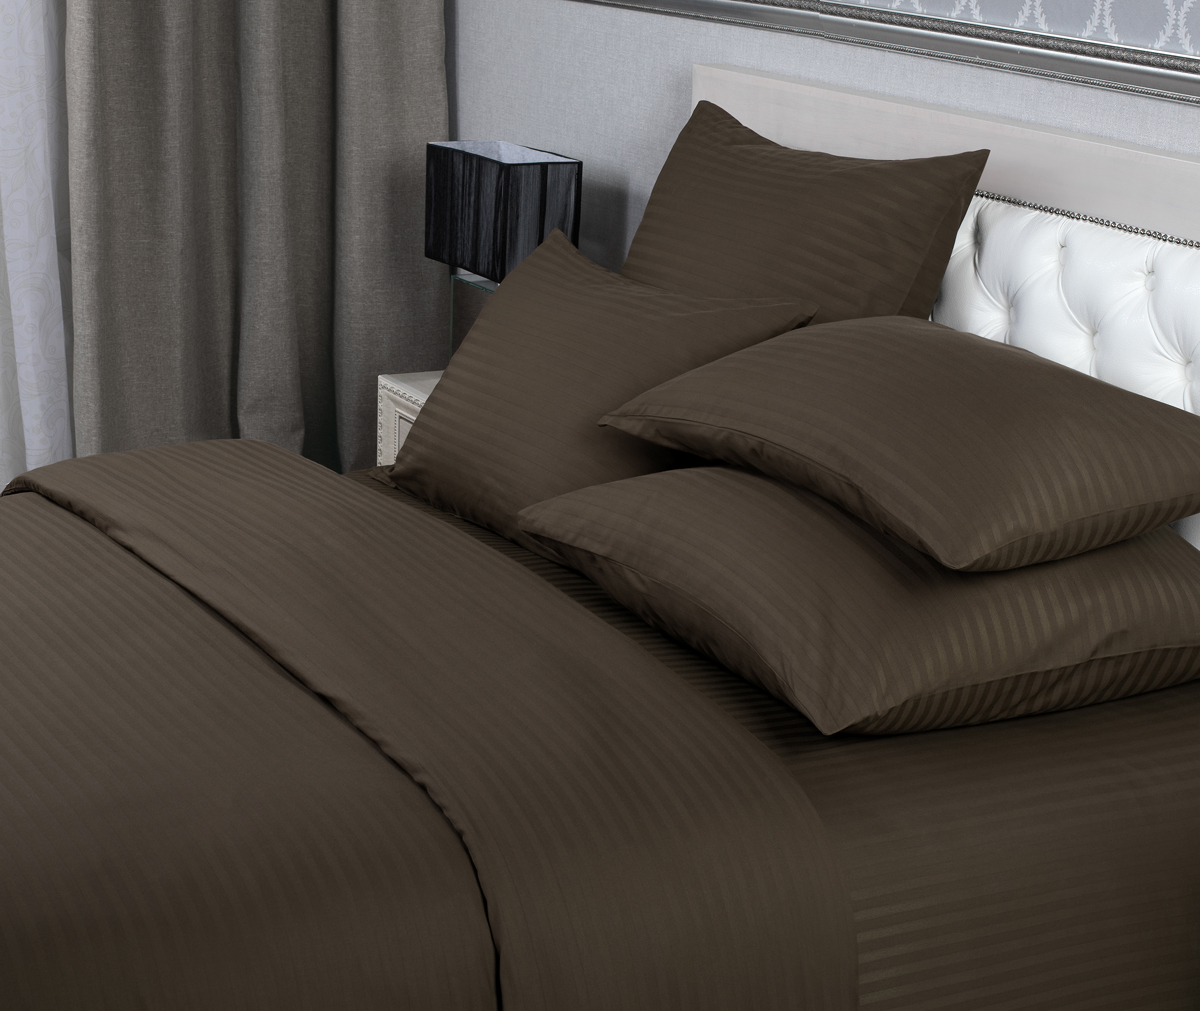 Комплект белья Verossa, 1,5-спальный, наволочки 70х70 см, цвет: шоколадный полотенце verossa verossa ve032judhec6